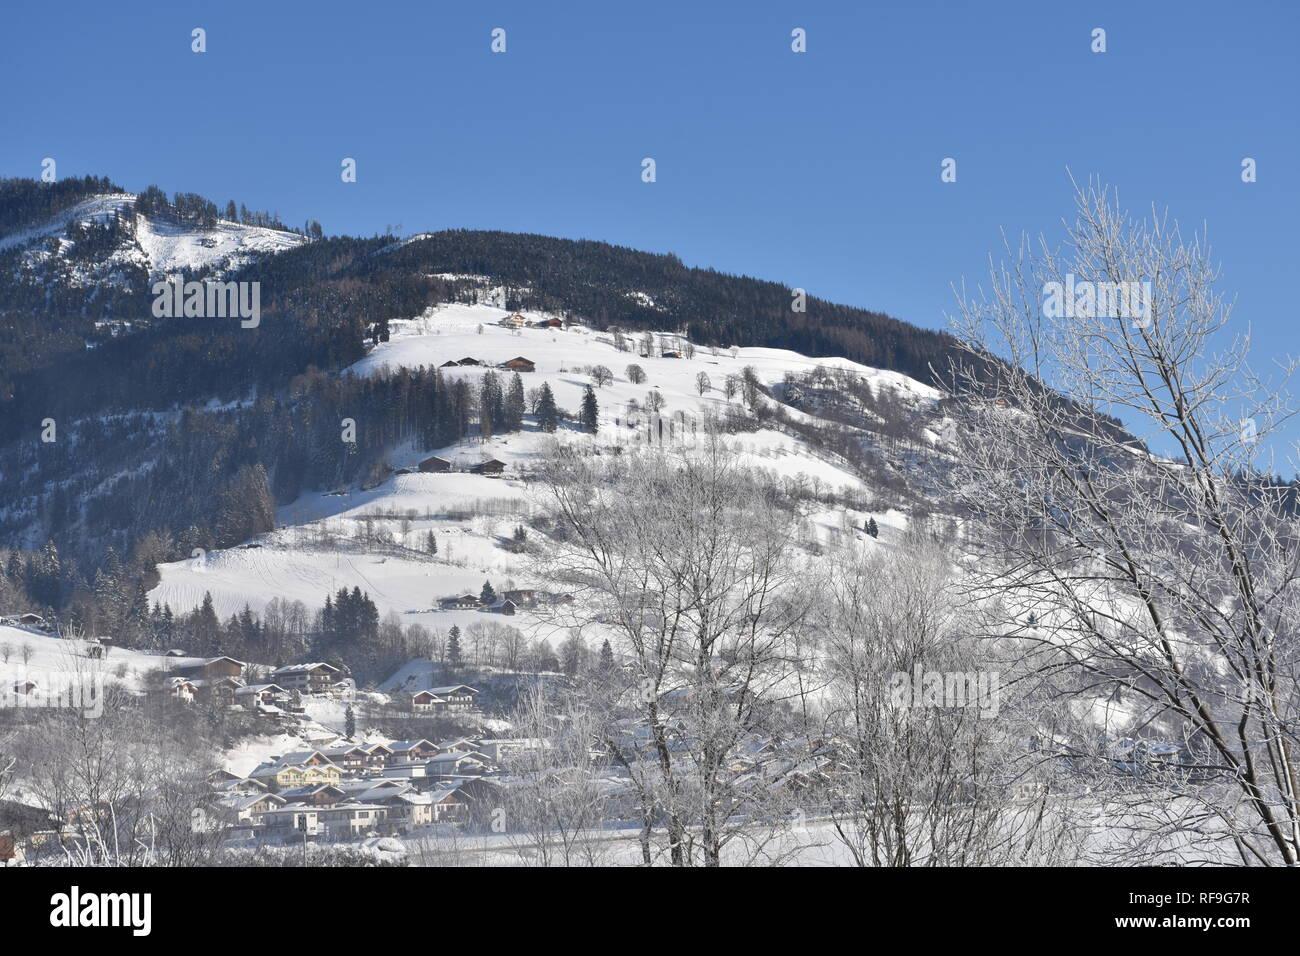 Pinzgau, Salzach, Salzburg, Lengdorf, Tiefschnee, Alpenhauptkamm, Granatspitze, Felbertauern, Glocknergruppe, Zwölferkogel, Pihapper, Nationalpark, Stock Photo